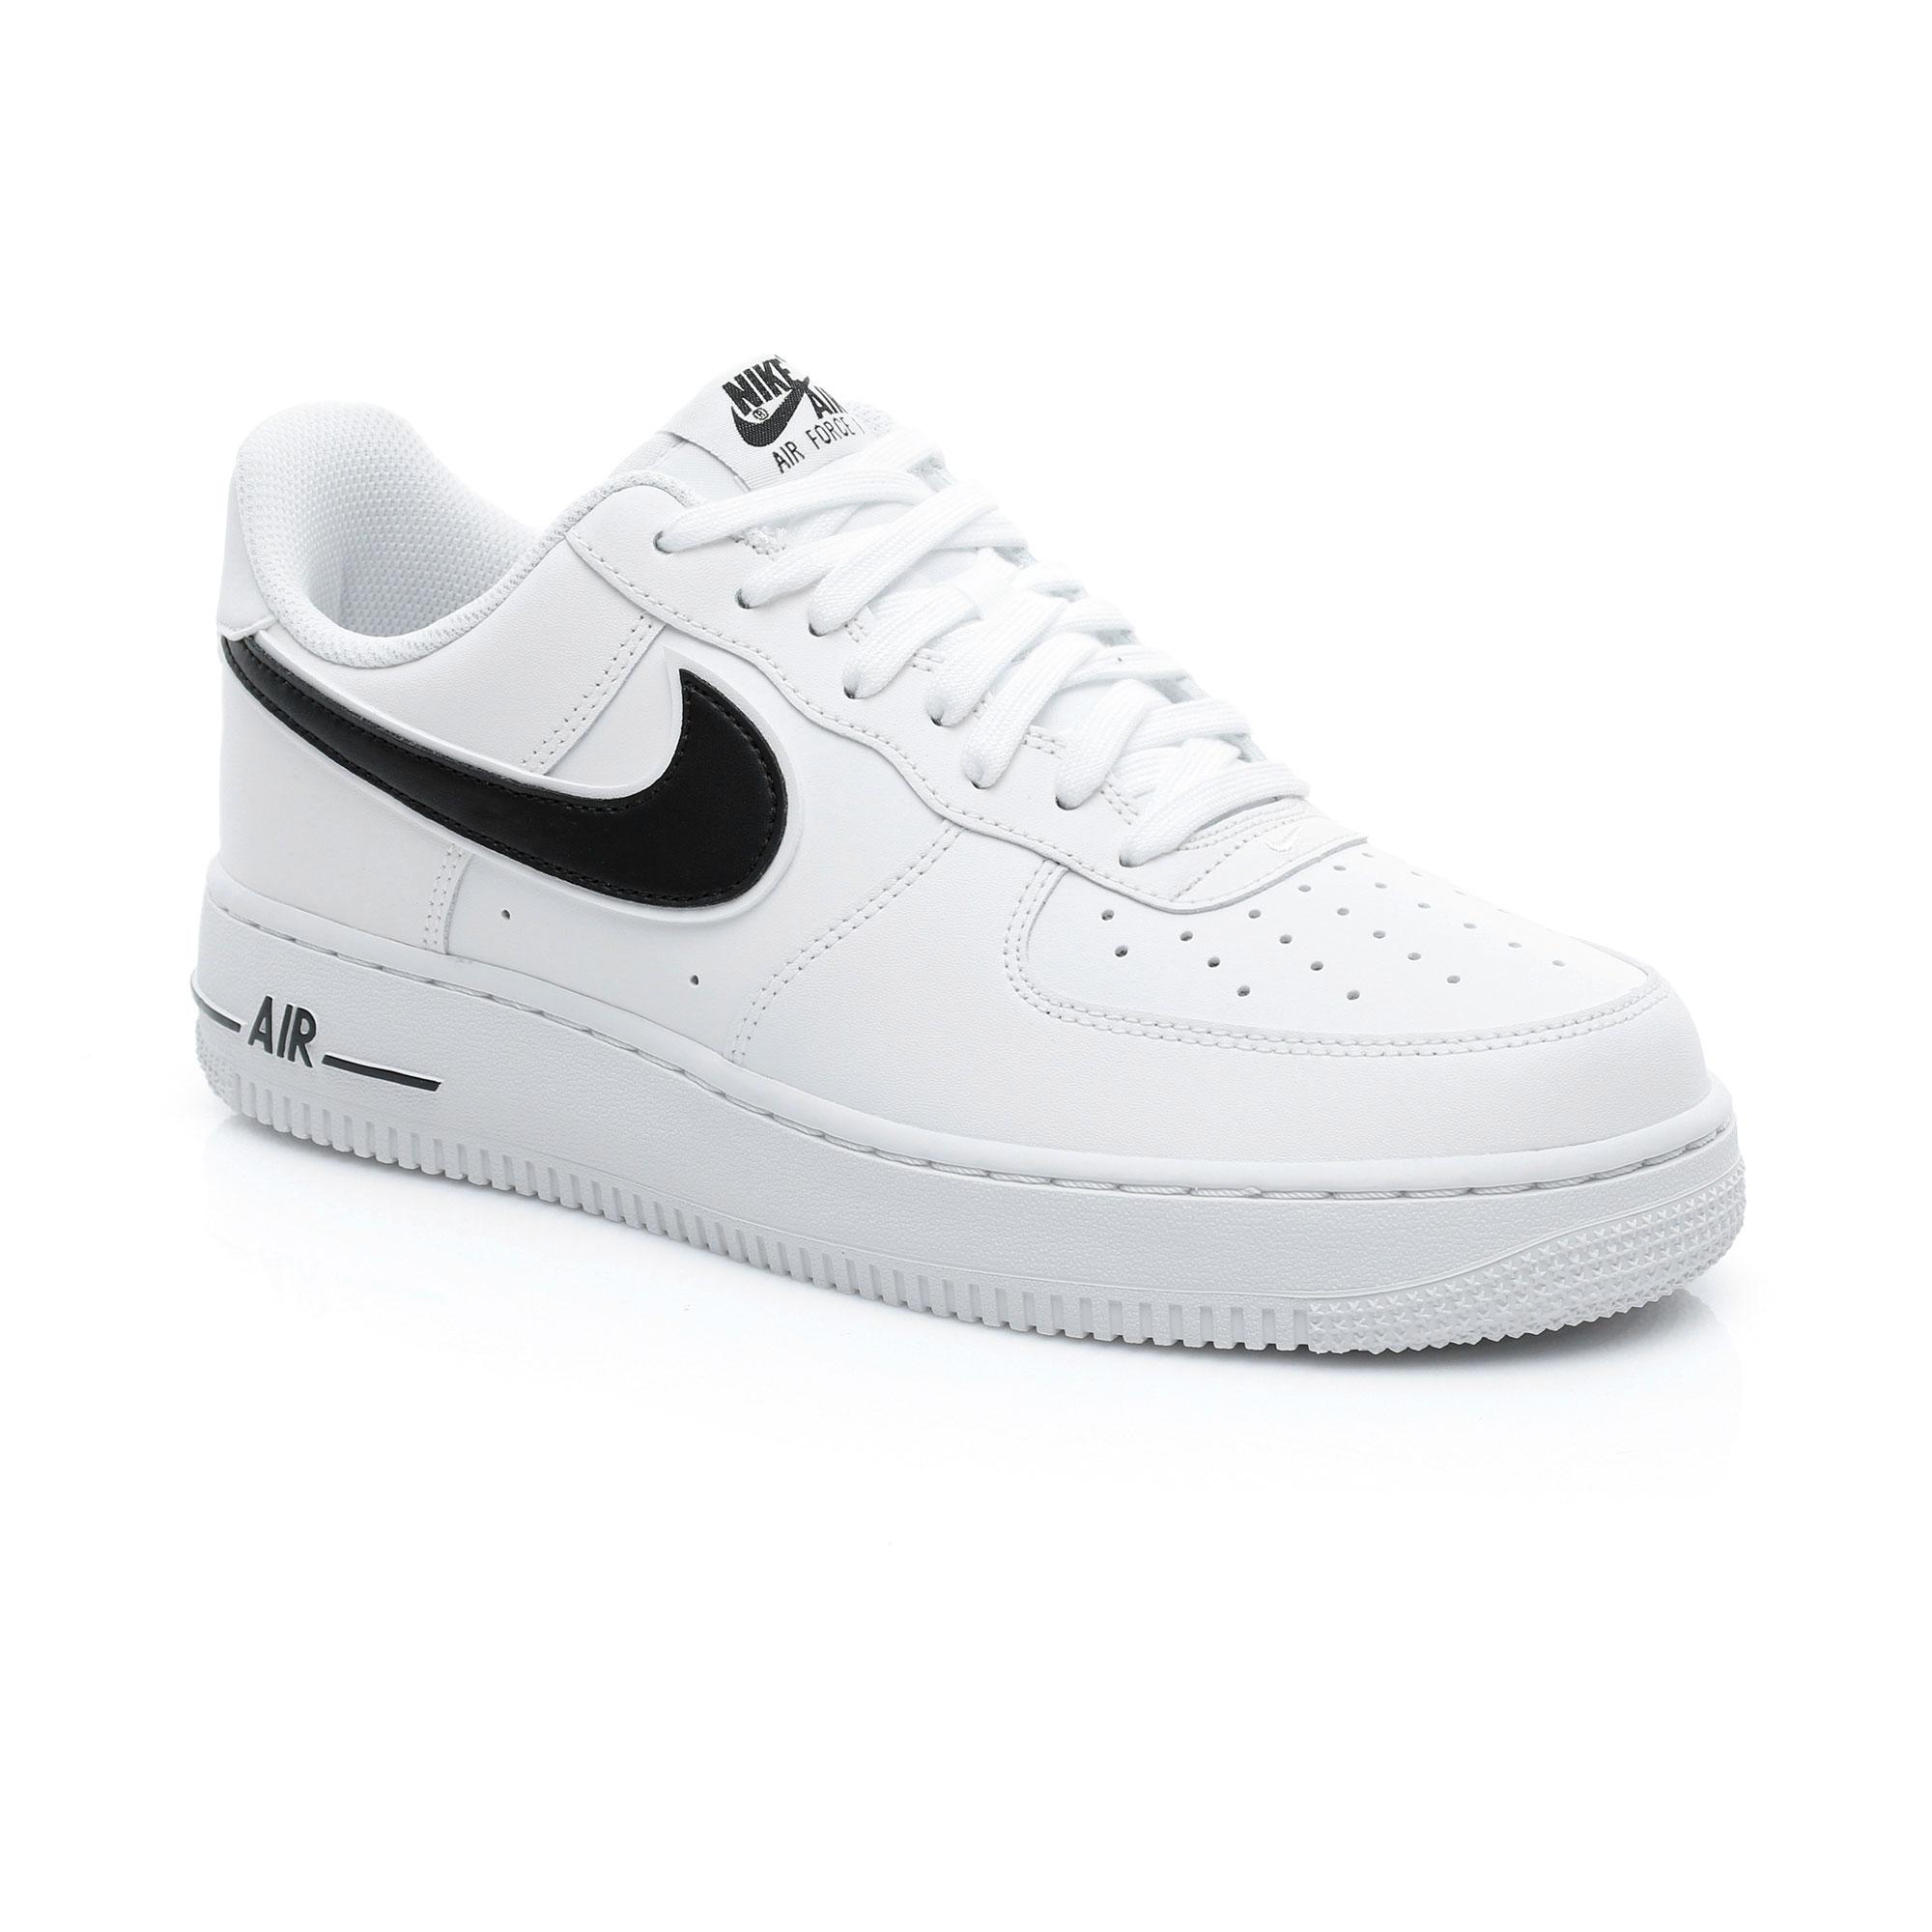 half off fe5c6 41577 Nike Air Force 1 07 3 Erkek Beyaz Spor Ayakkabı ...